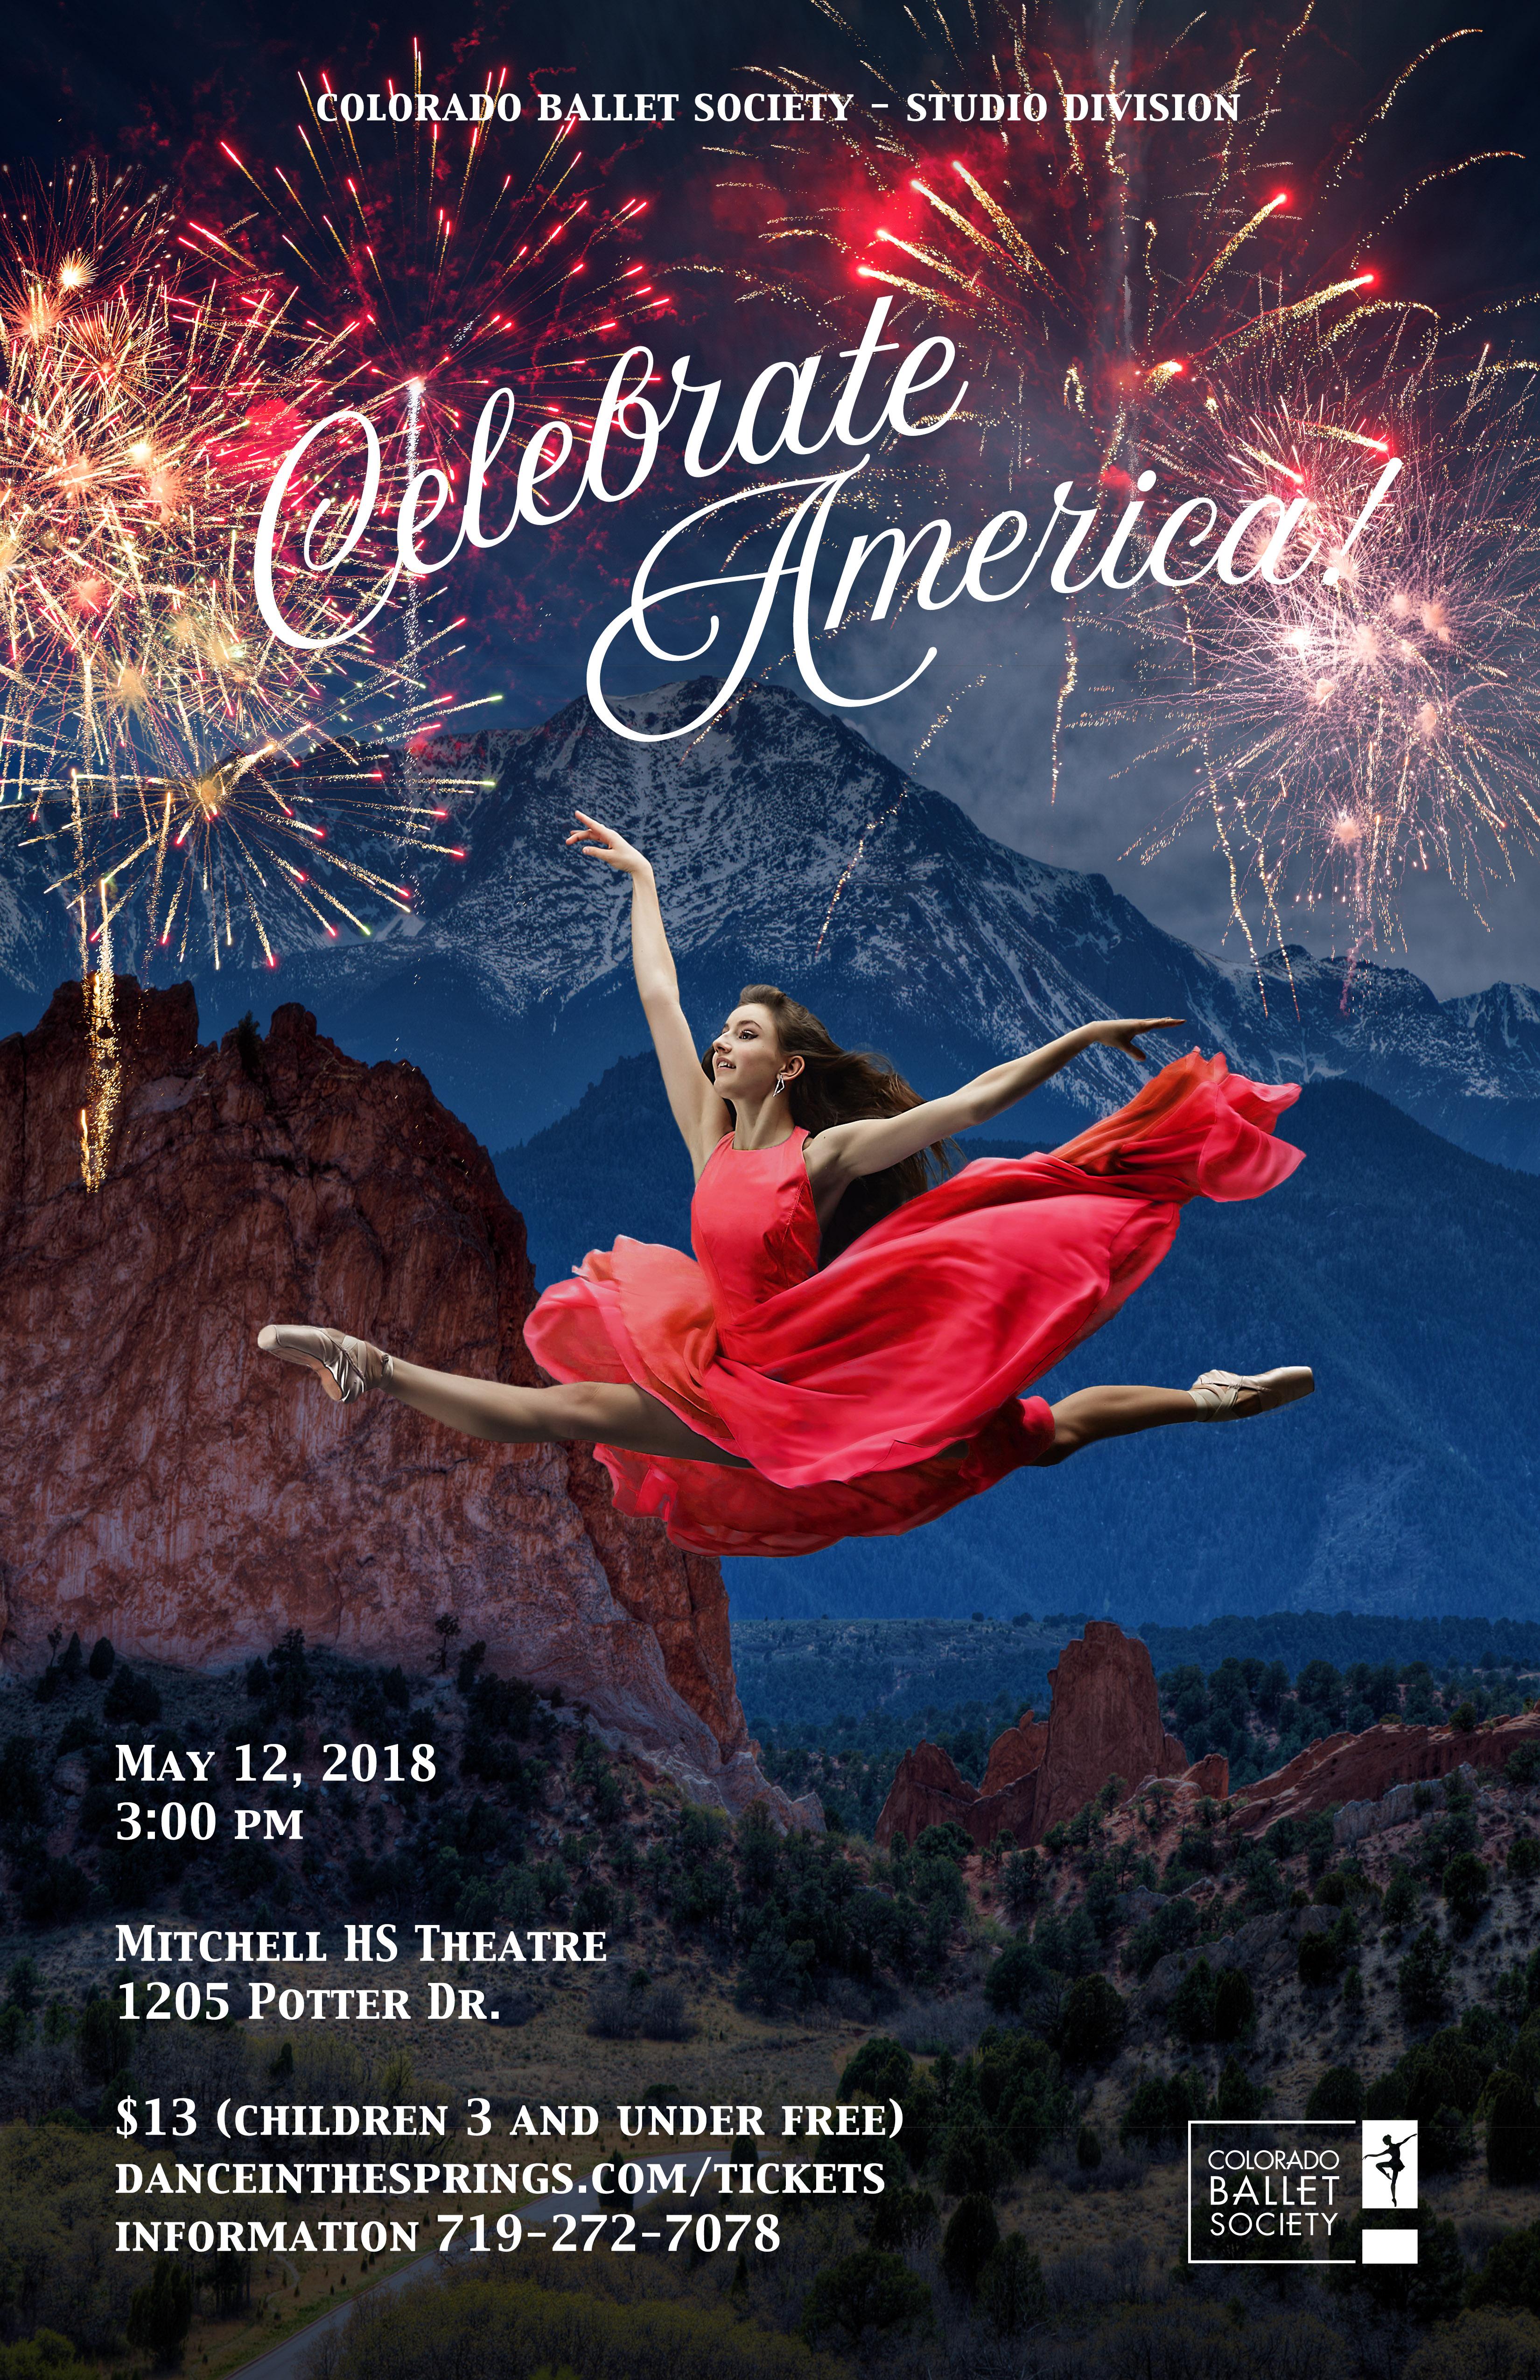 11x17CelebrateAmerica_Final